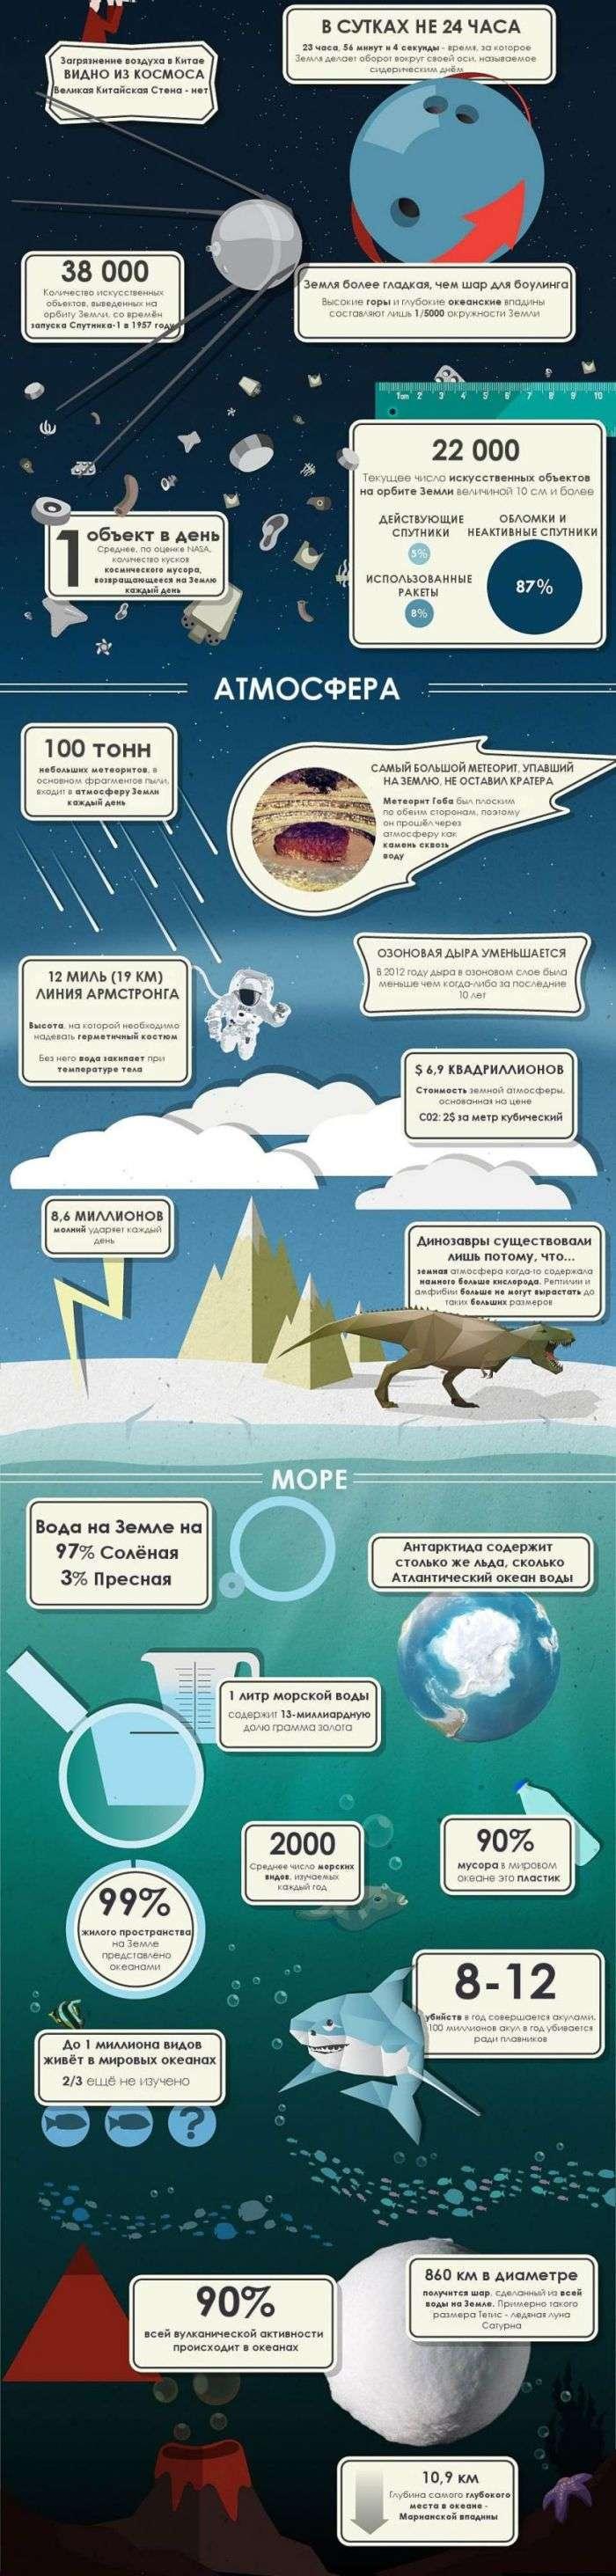 50 пізнавальних фактів про нашу планету (3 фото)